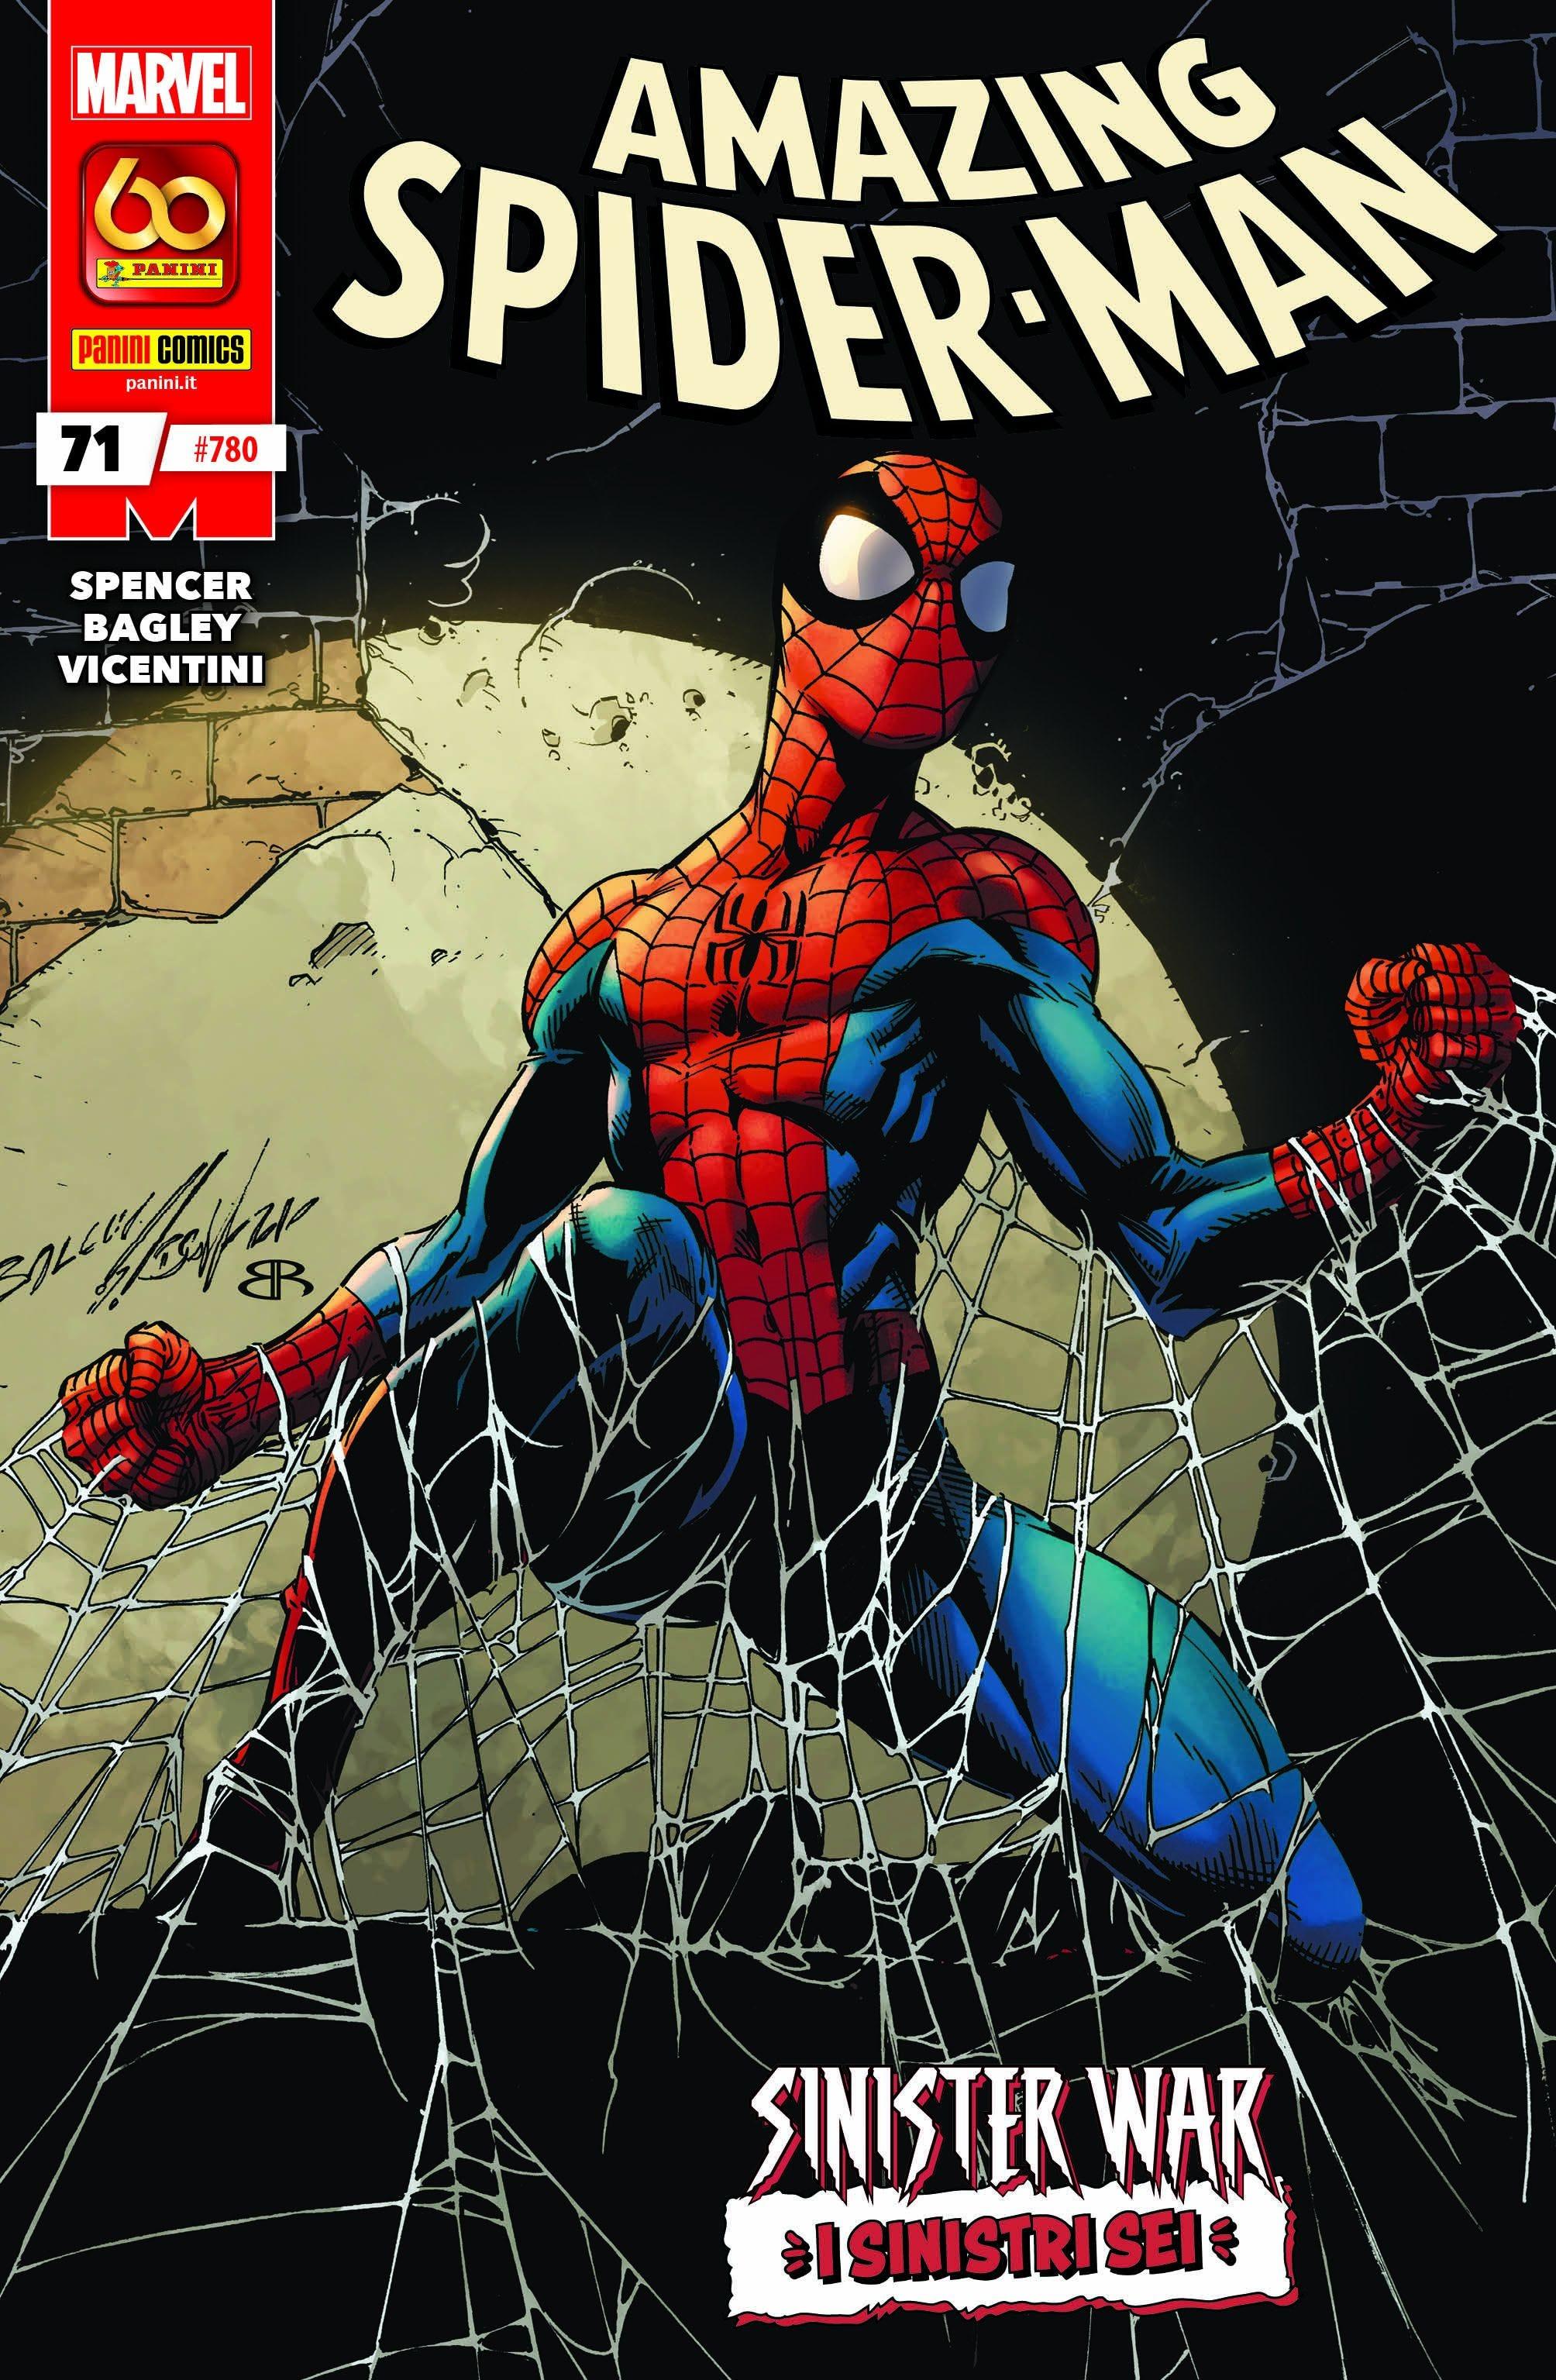 Amazing Spider-Man 71 Spider-Man magazines